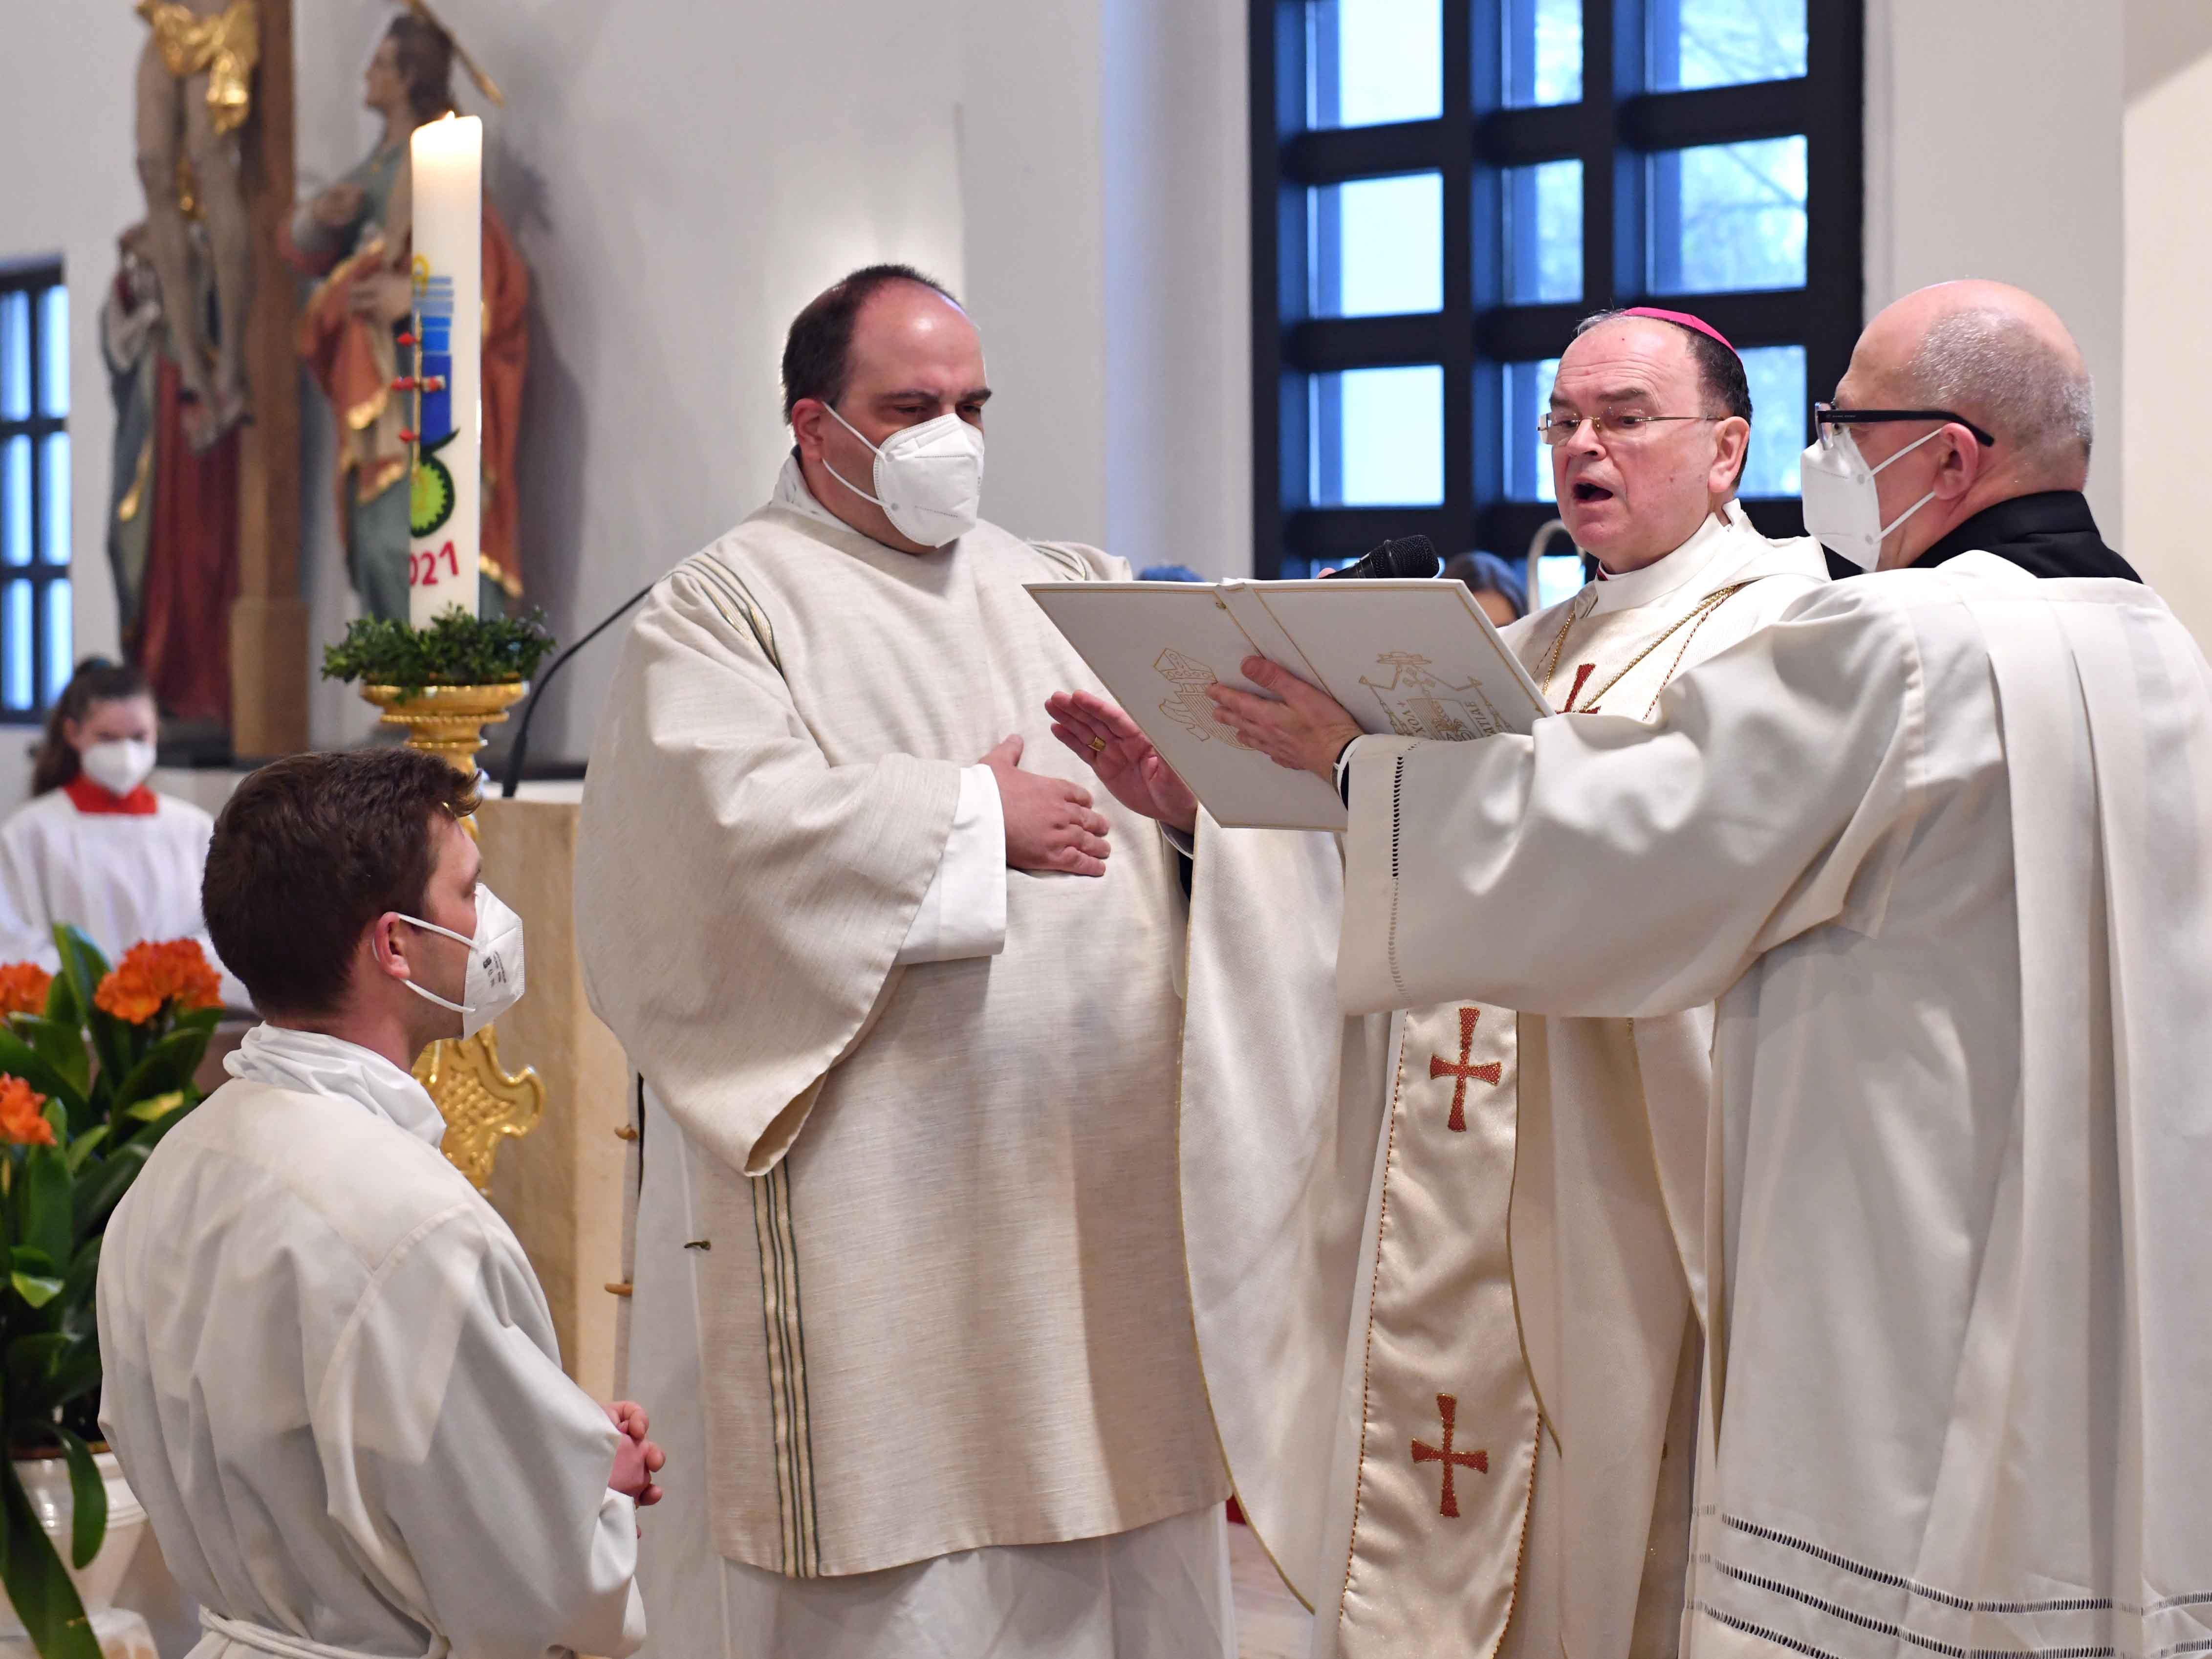 Beim Weihegebet: Bischof Bertram spendet Br. Anton Wölfl aus der Gemeinschaft der Redemptoristen die Diakonenweihe. (Fotos: Nicolas Schnall / pba)